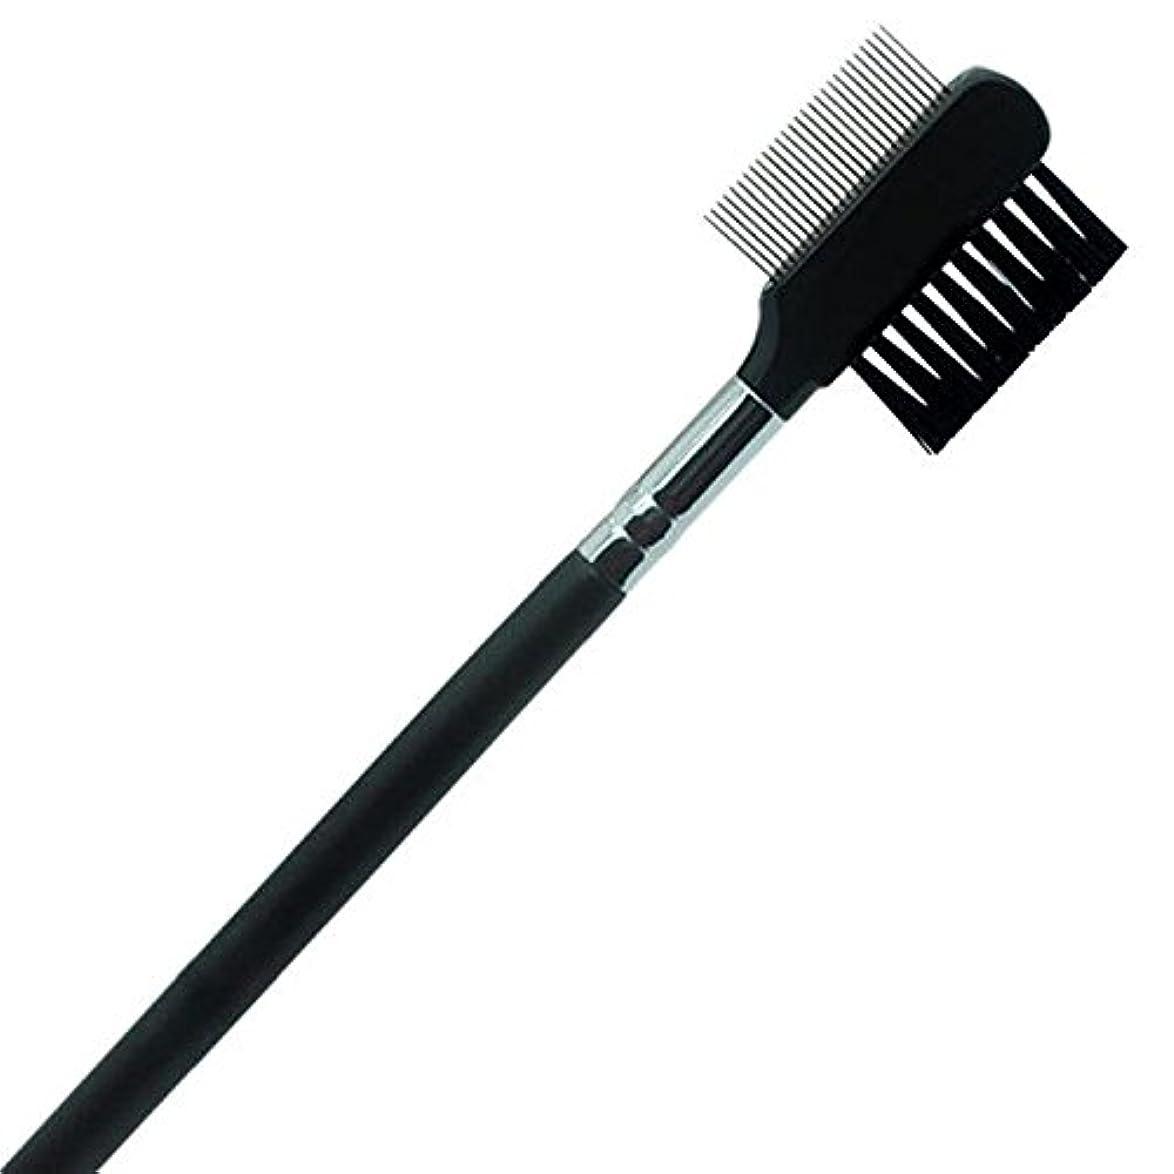 特別なきしむ知るTOOGOO 眉毛とまつげ用の櫛 延長ブラシ 美容メイクツー